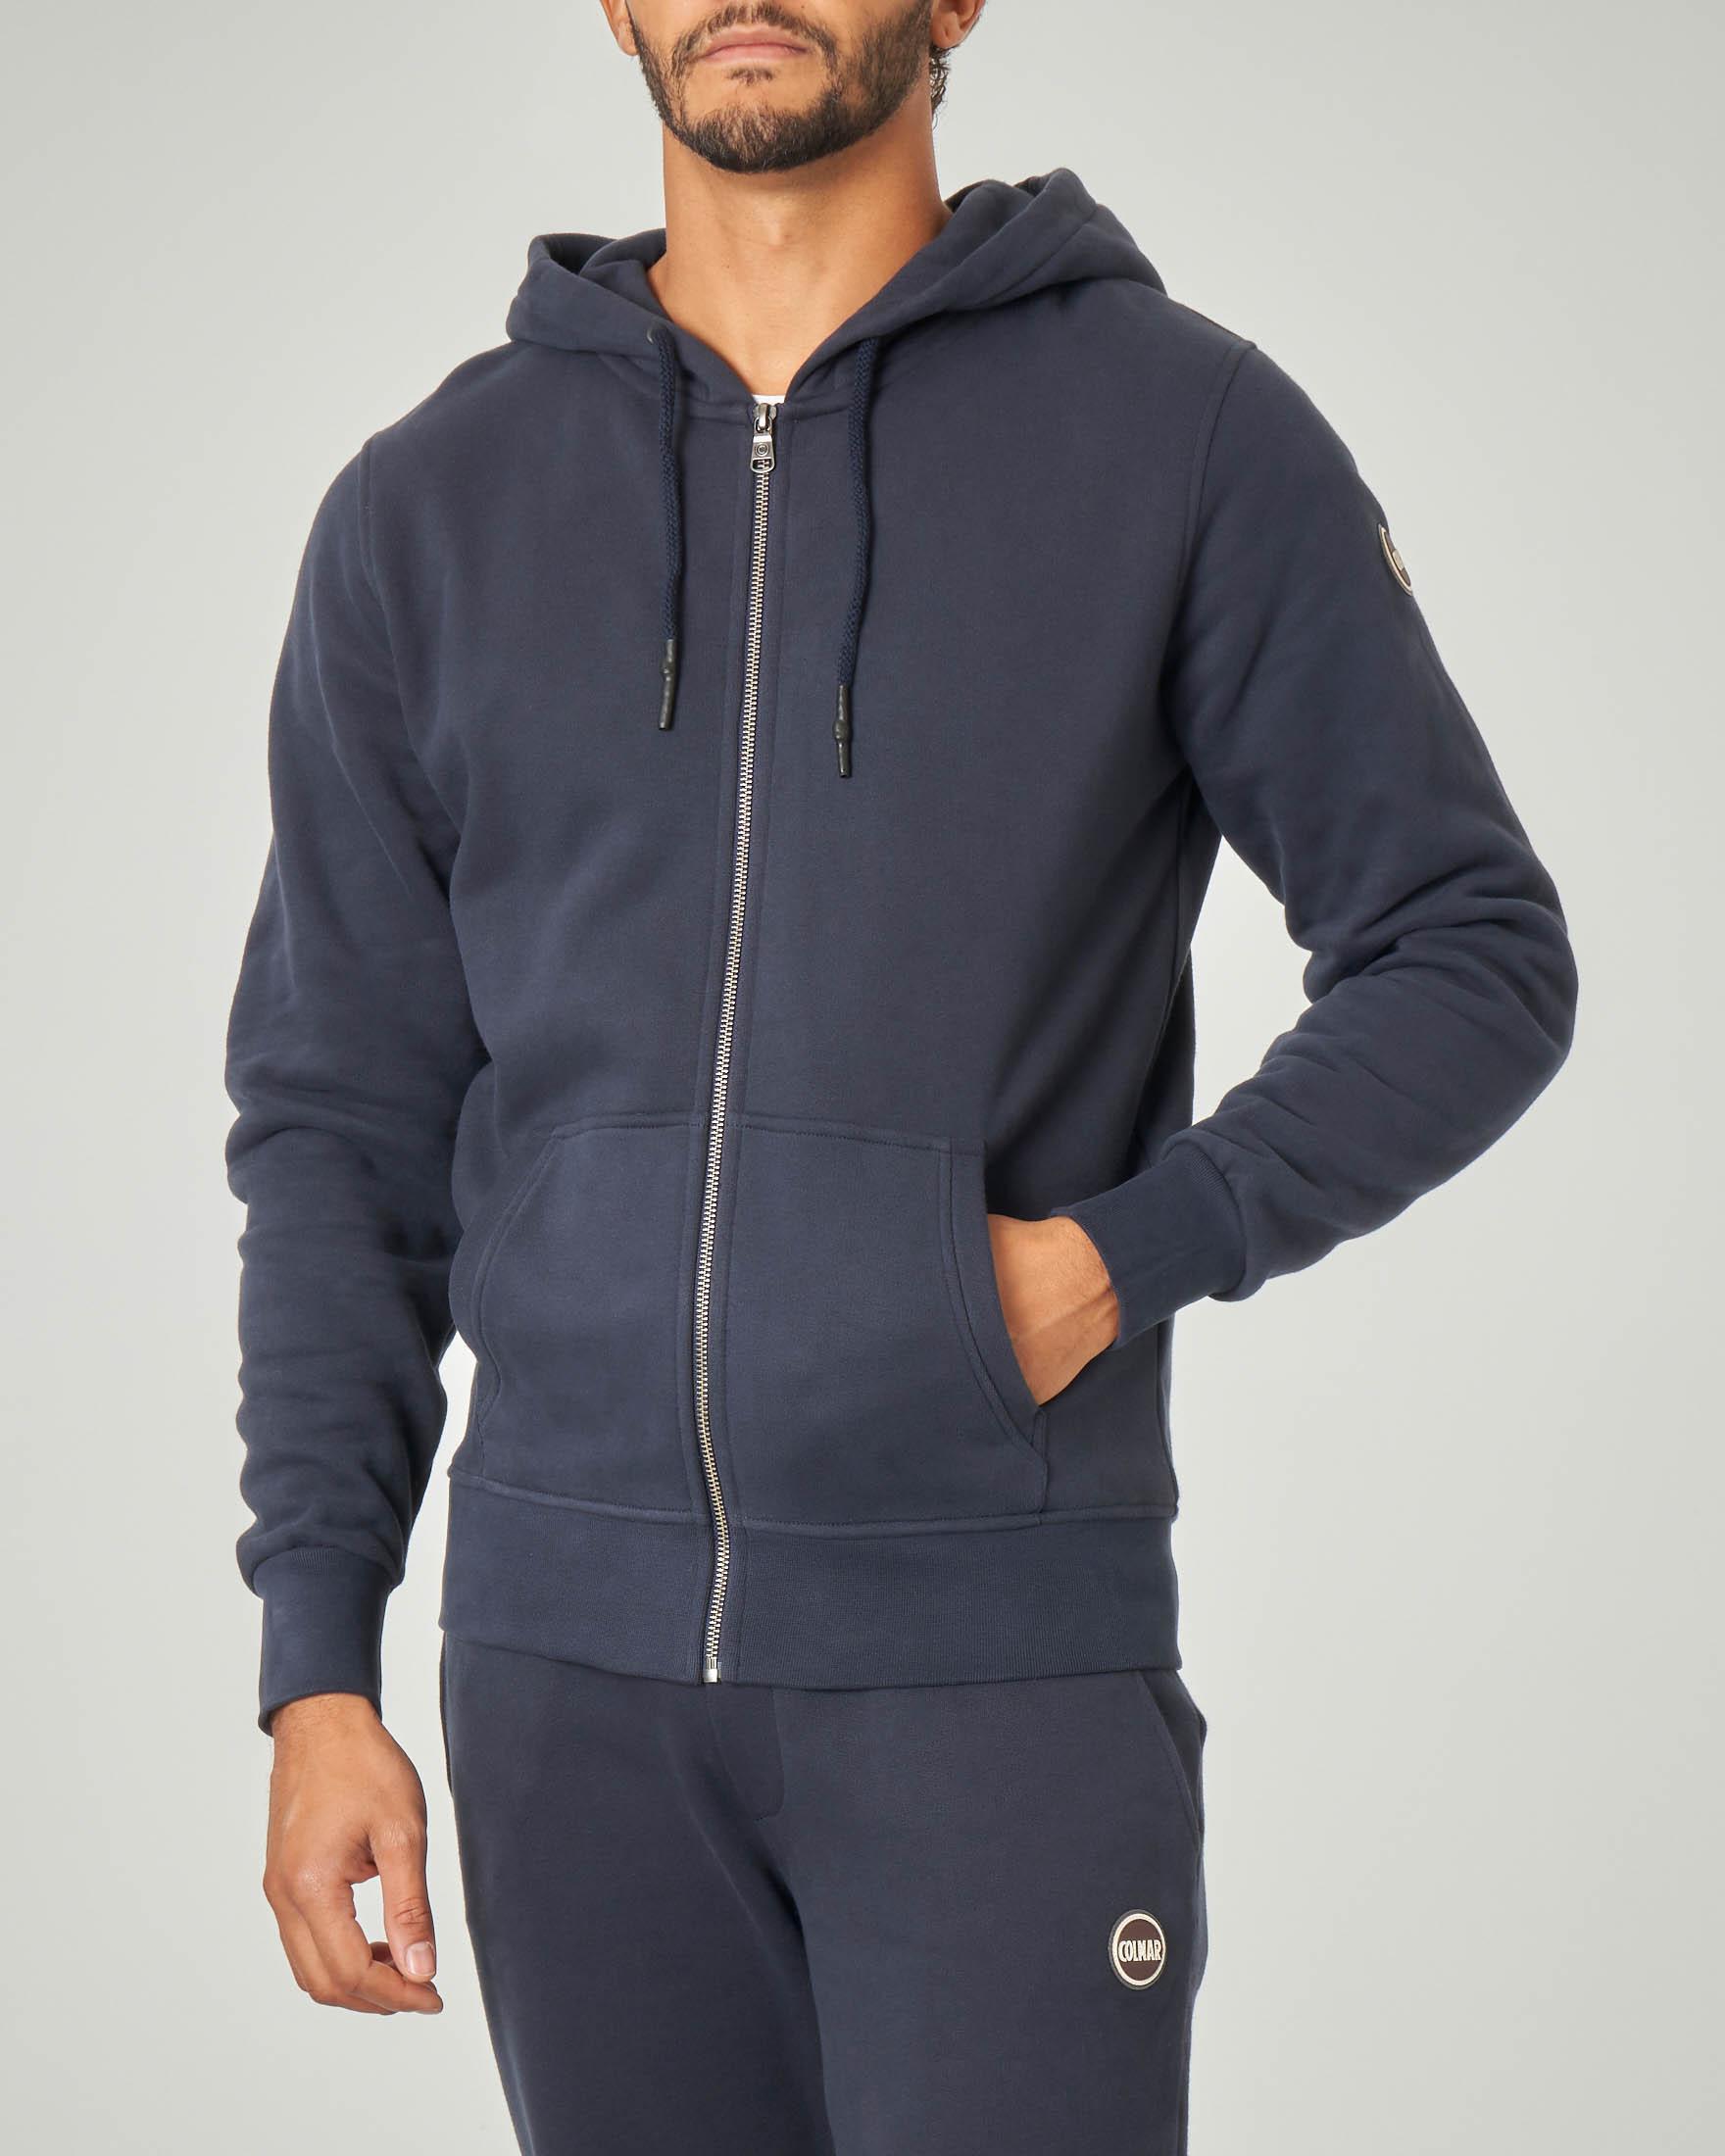 Felpa blu con cappuccio e chiusura zip | Pellizzari E commerce